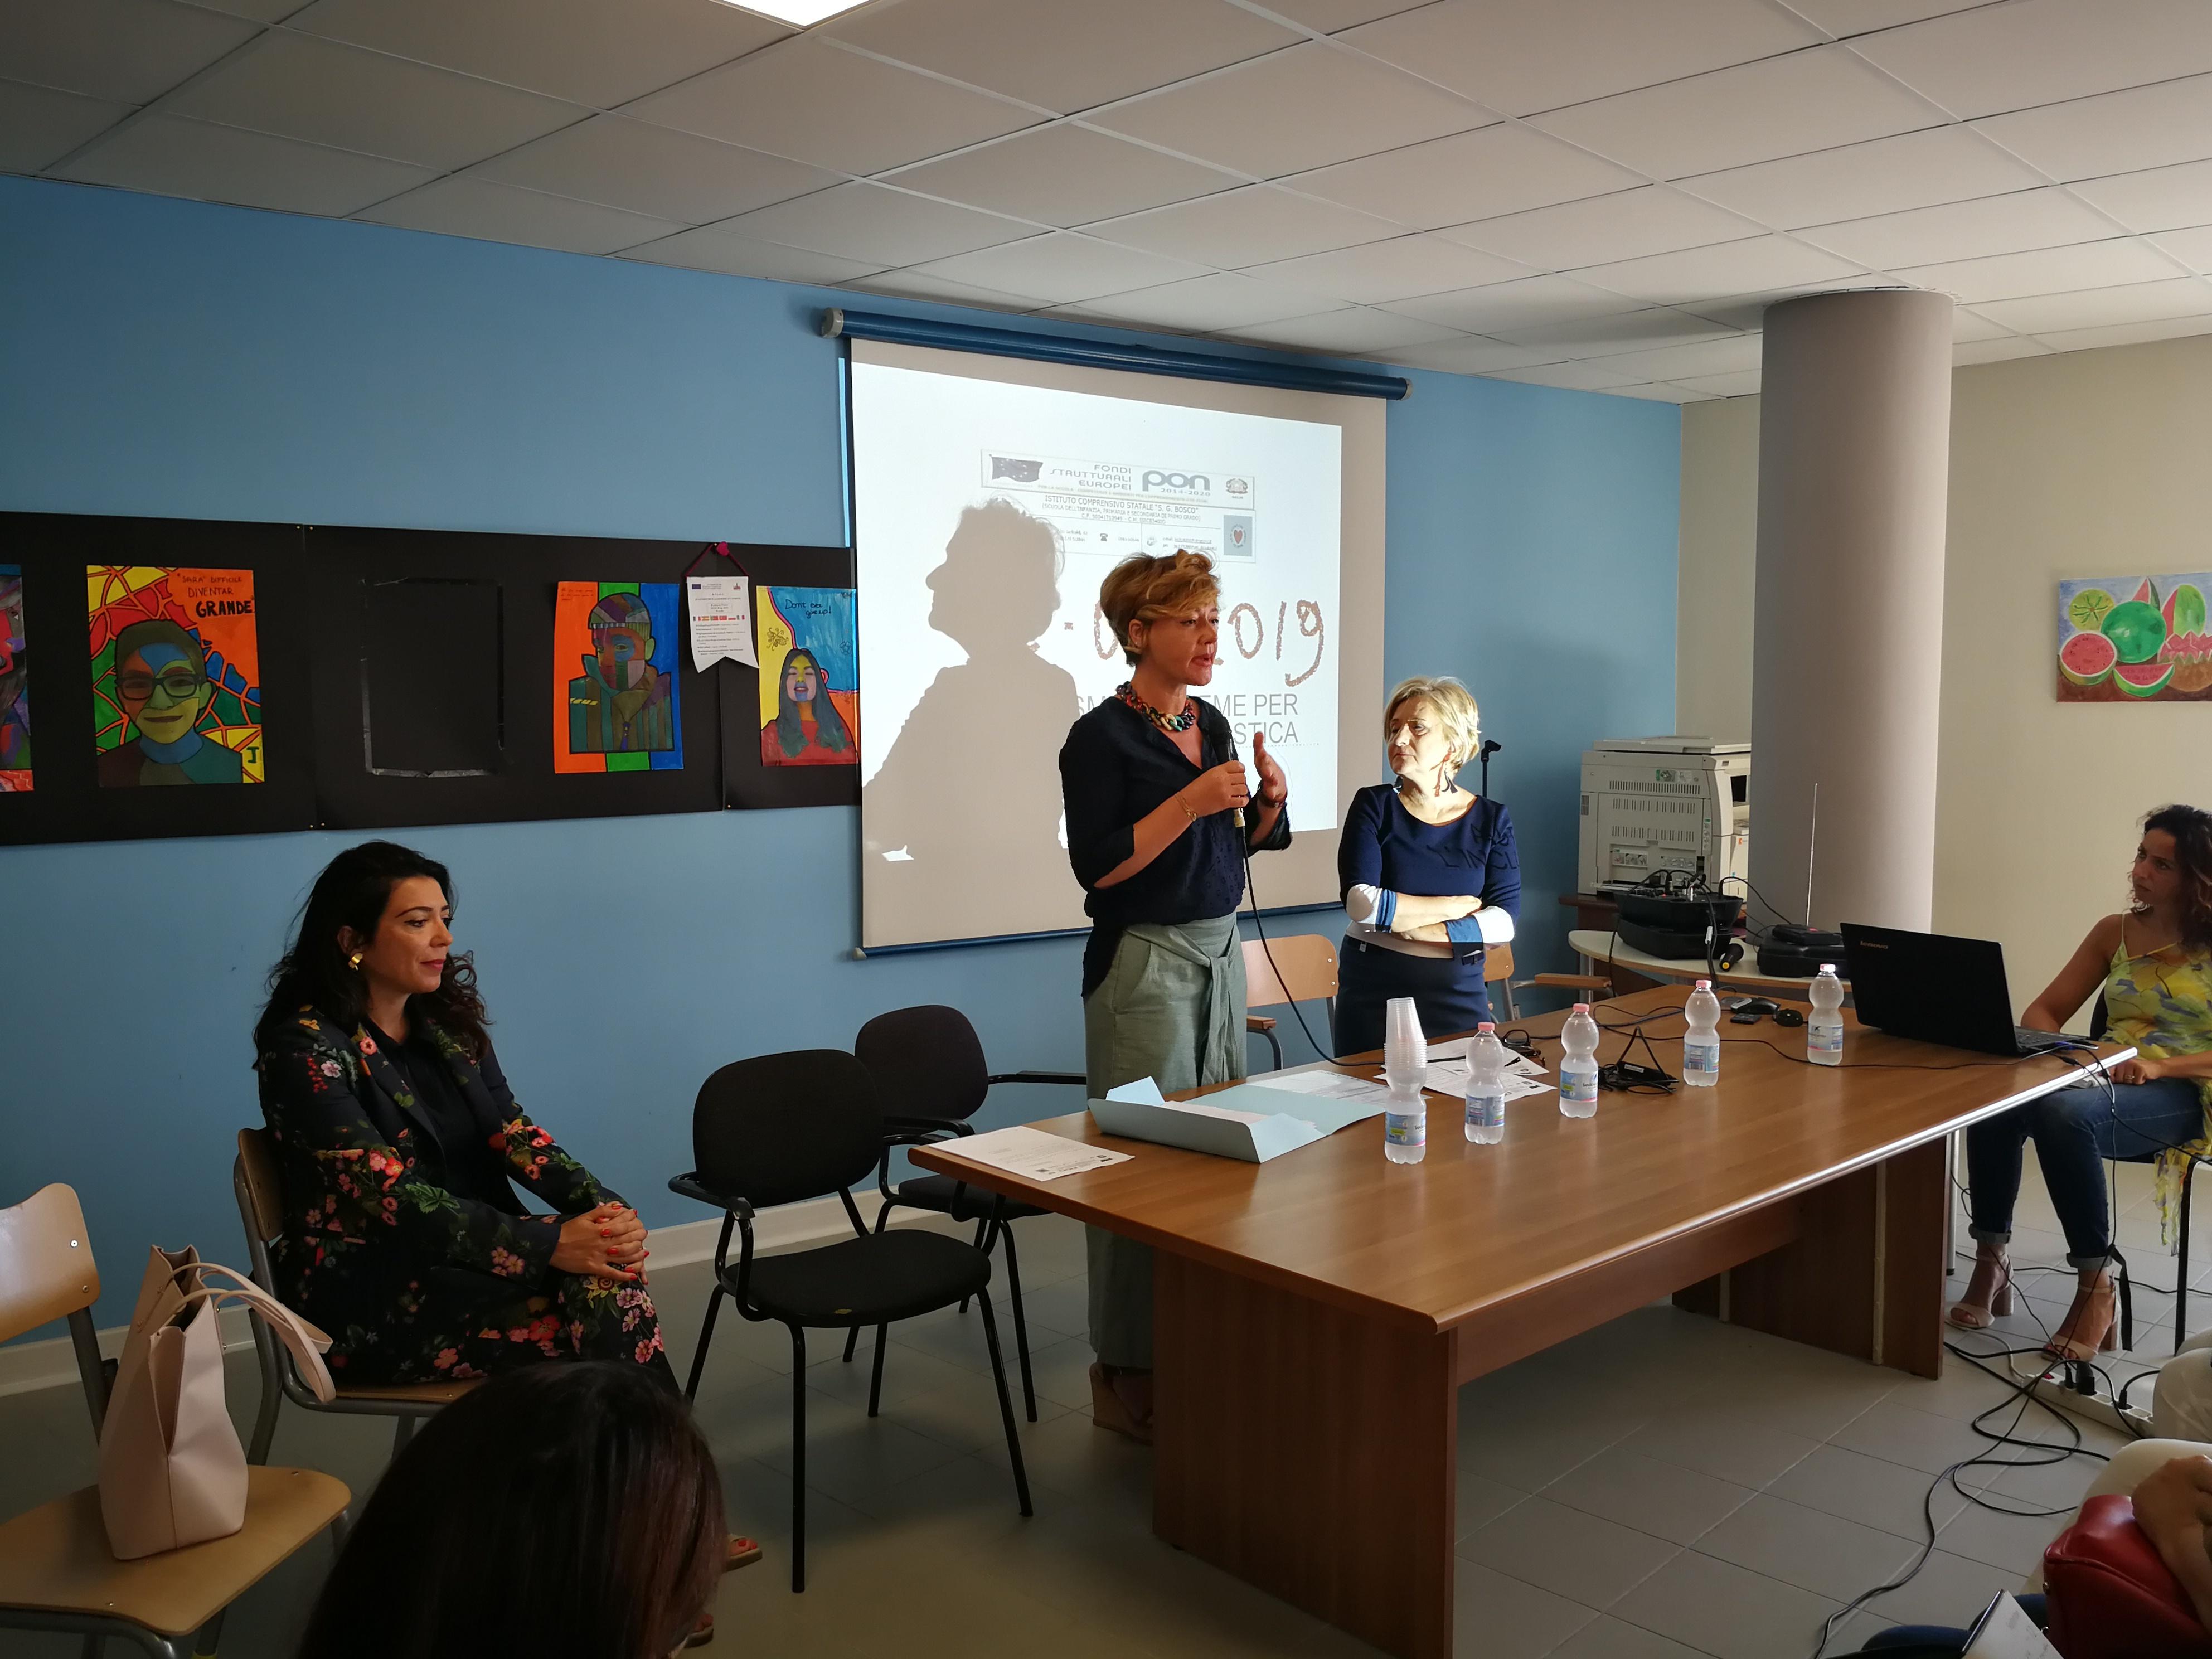 Facciamo Scuola, a Isernia la presentazione del progetto sull'Autismo realizzato con le restituzioni dei Portavoce M5S Manzo e Federico.